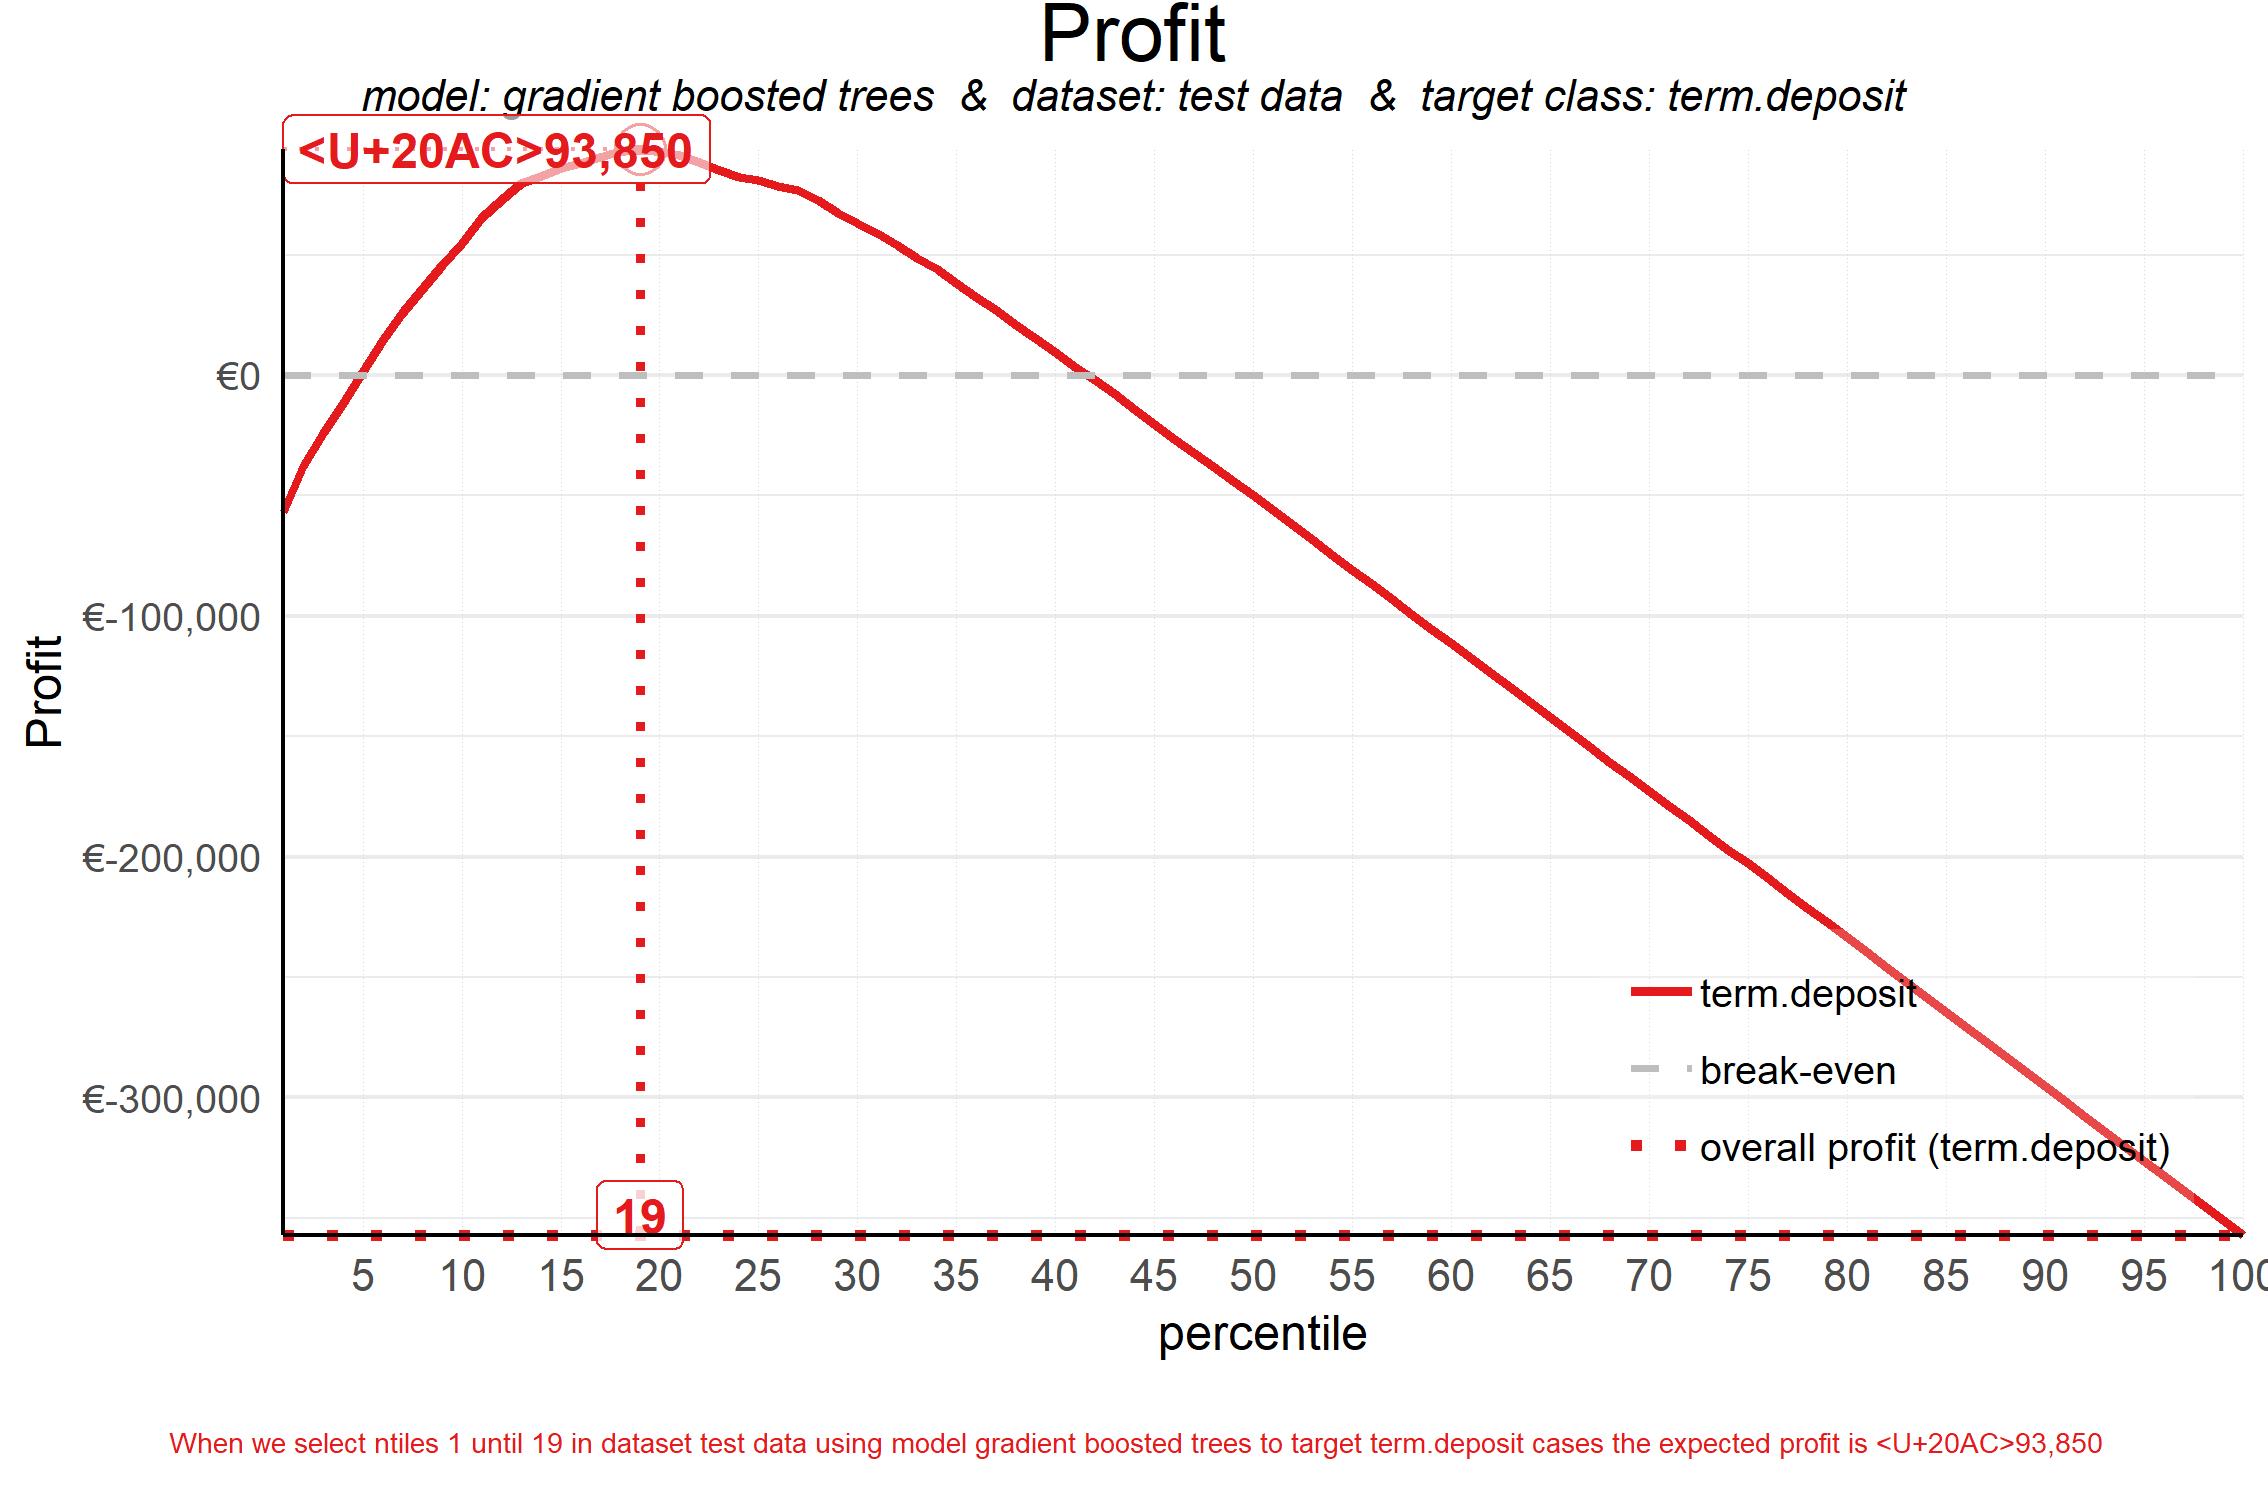 plot of chunk plot_profit